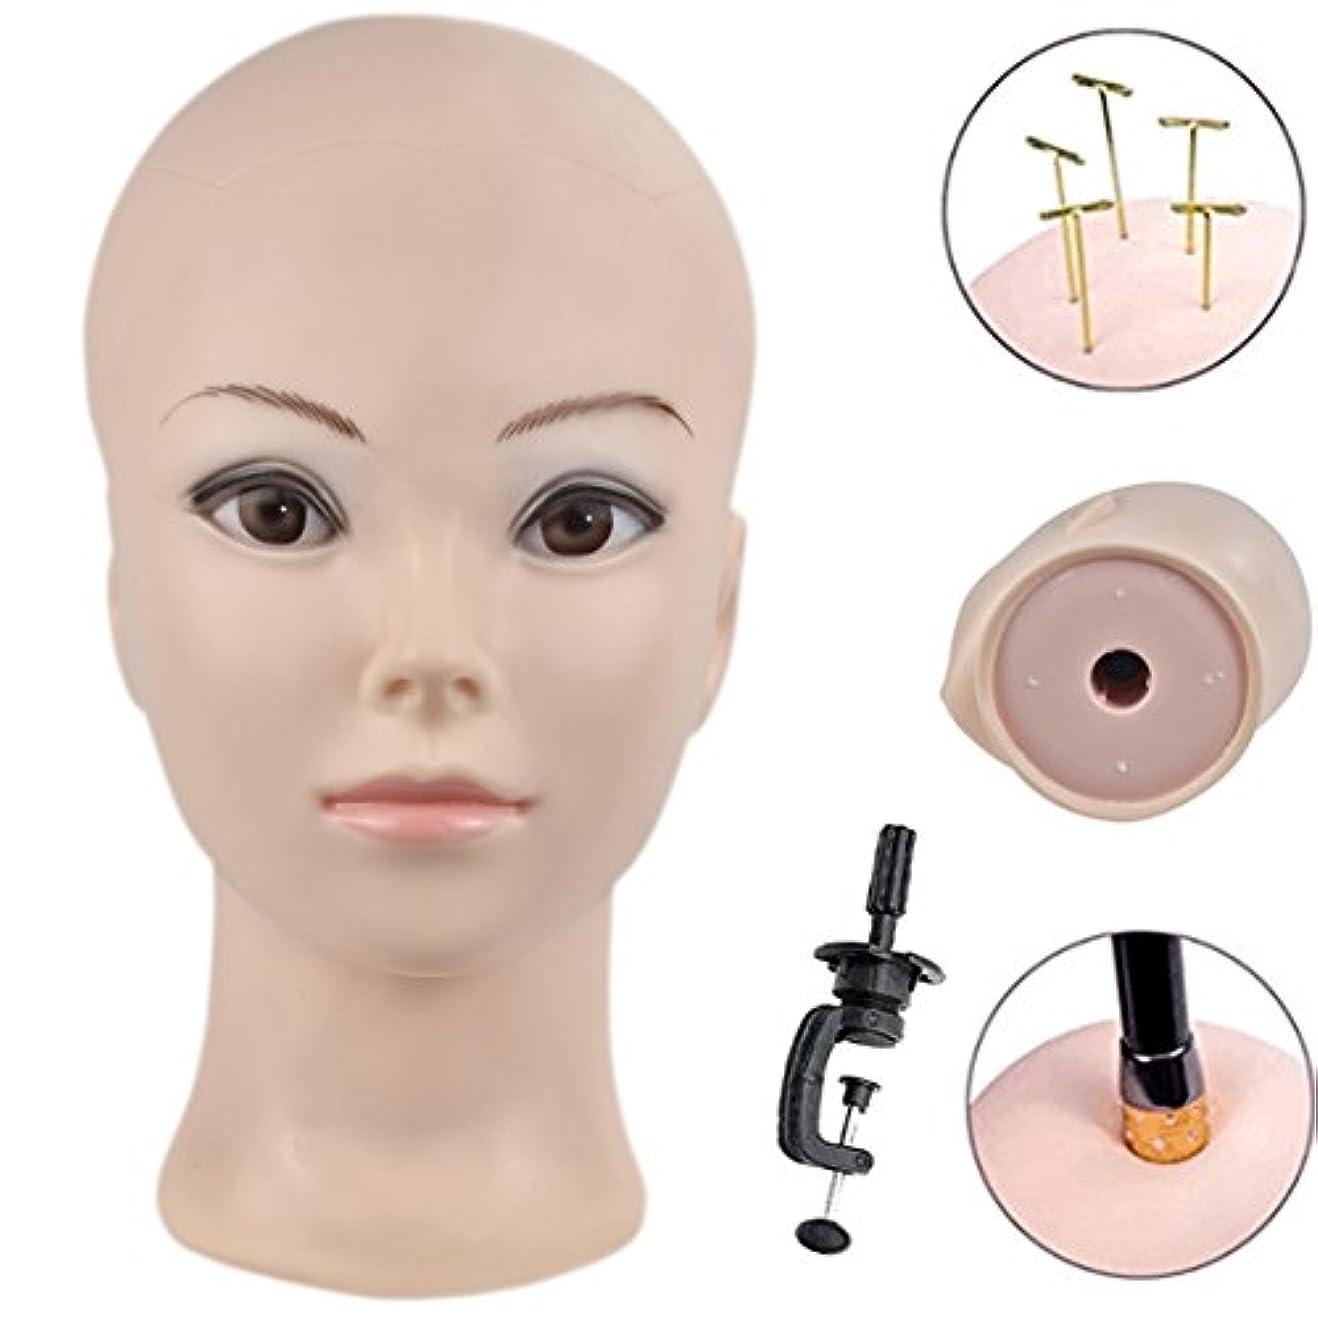 現実にはスキャン数字美容師の訓練のヘッド美容師のマニキュアヘッドのウィッグを作成し、無料のクランプで表示.